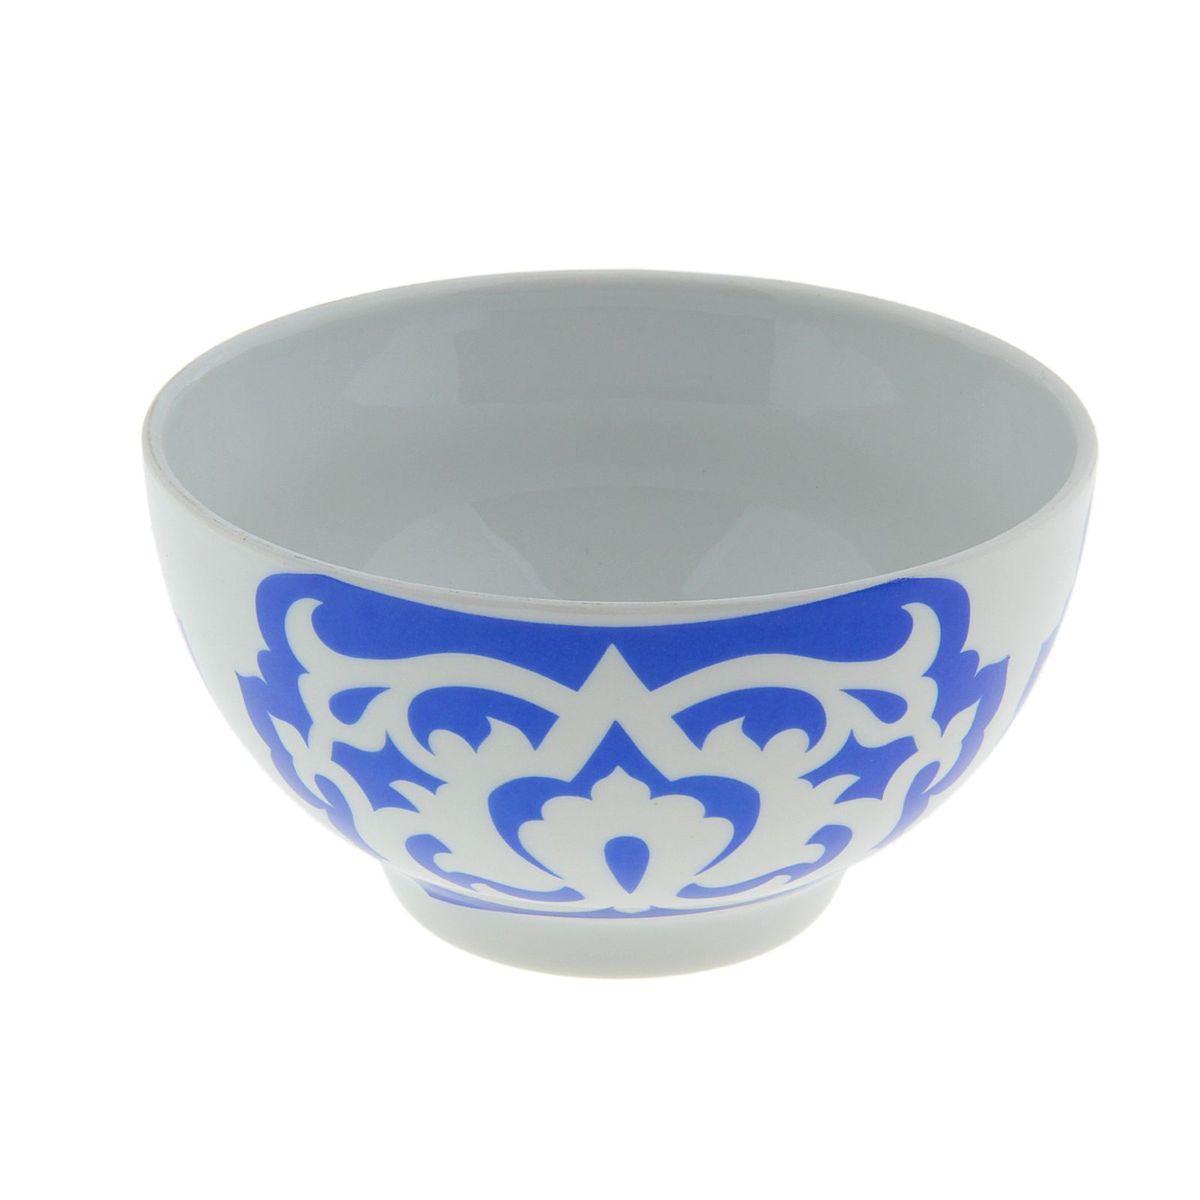 Пиала Азия, цвет: синий, 500 мл508033Пиала Азия гармонично впишется в интерьер любой кухни. Изделие, выполненное из высококачественного фарфора, оформлено замысловатым орнаментом. Такая пиала прекрасно подойдет для подачи салата или мороженого. Она станет бесспорным украшением праздничного или обеденного стола. Пиала Азия дополнит коллекцию кухонной посуды и будет служить долгие годы.